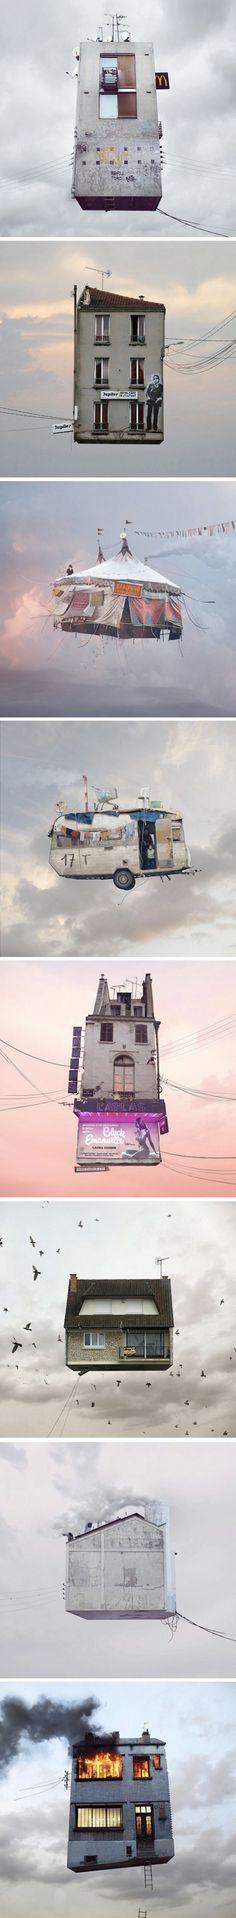 Flying Houses par Laurent Chéhère | Journal du Design